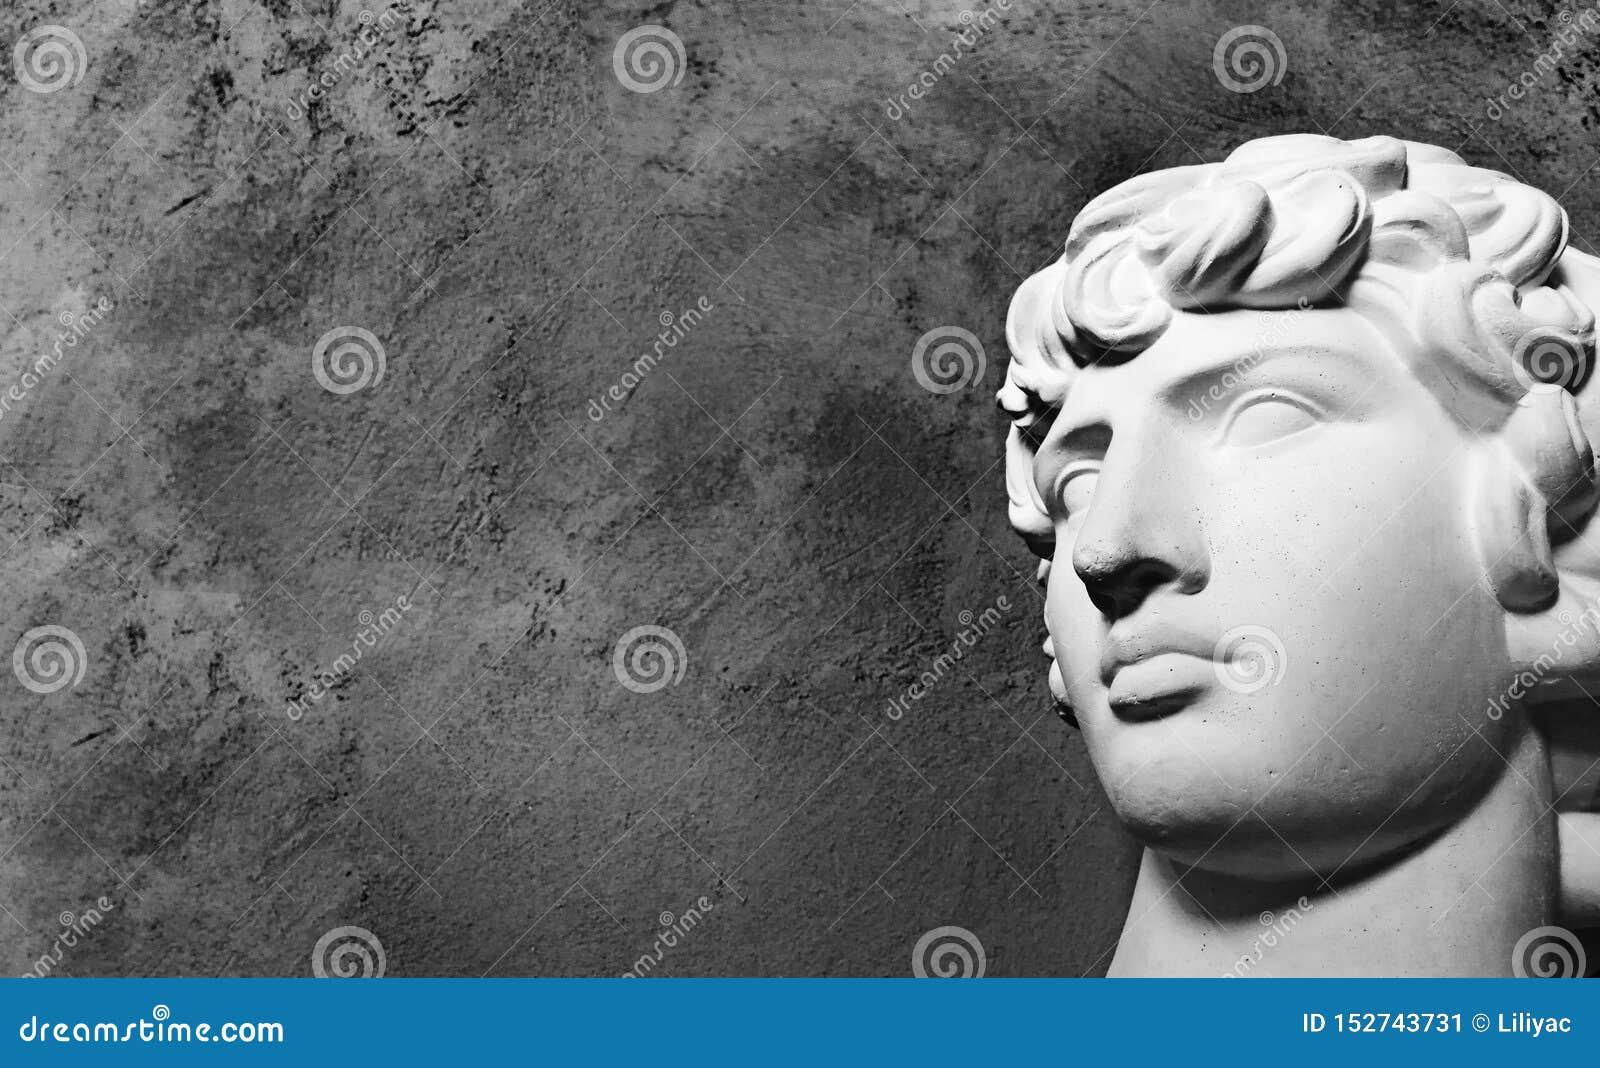 Alter von griechische Gipsfigur der Renaissance Haupt-antine auf einem dunklen Hintergrund